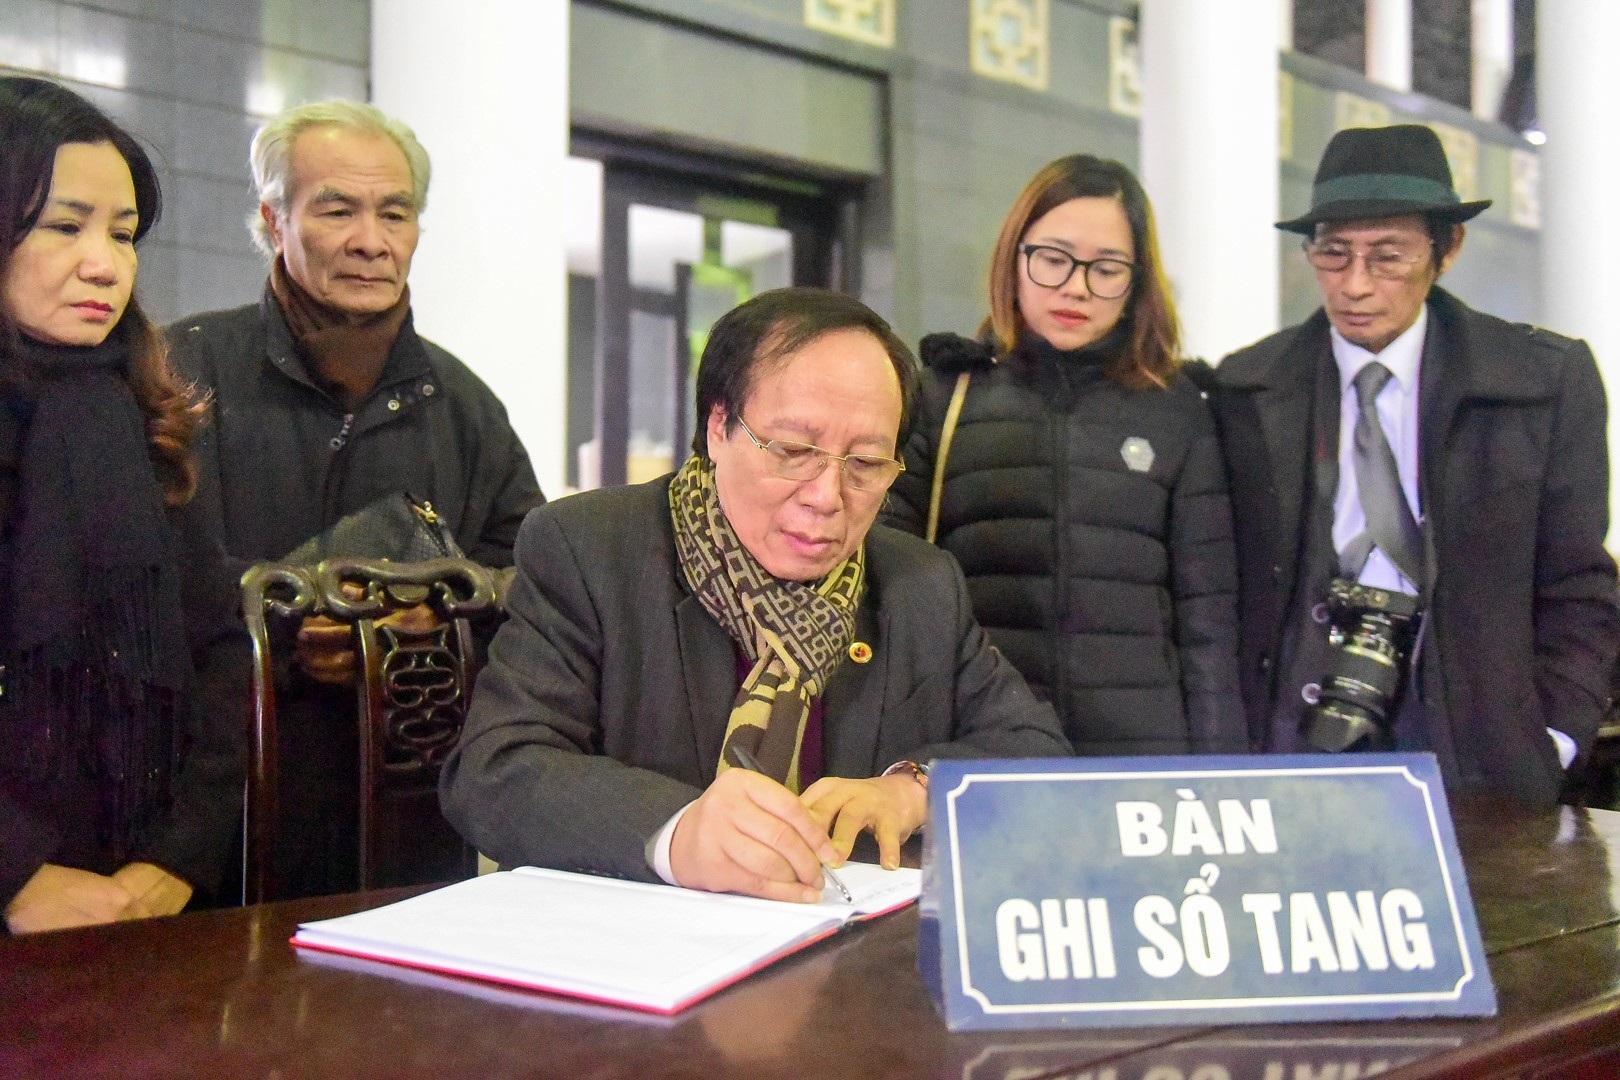 Đông đảo bạn bè, văn nghệ sĩ đến tiễn đưa nhà thơ- nhạc sĩ Nguyễn Trọng Tạo - Ảnh 21.